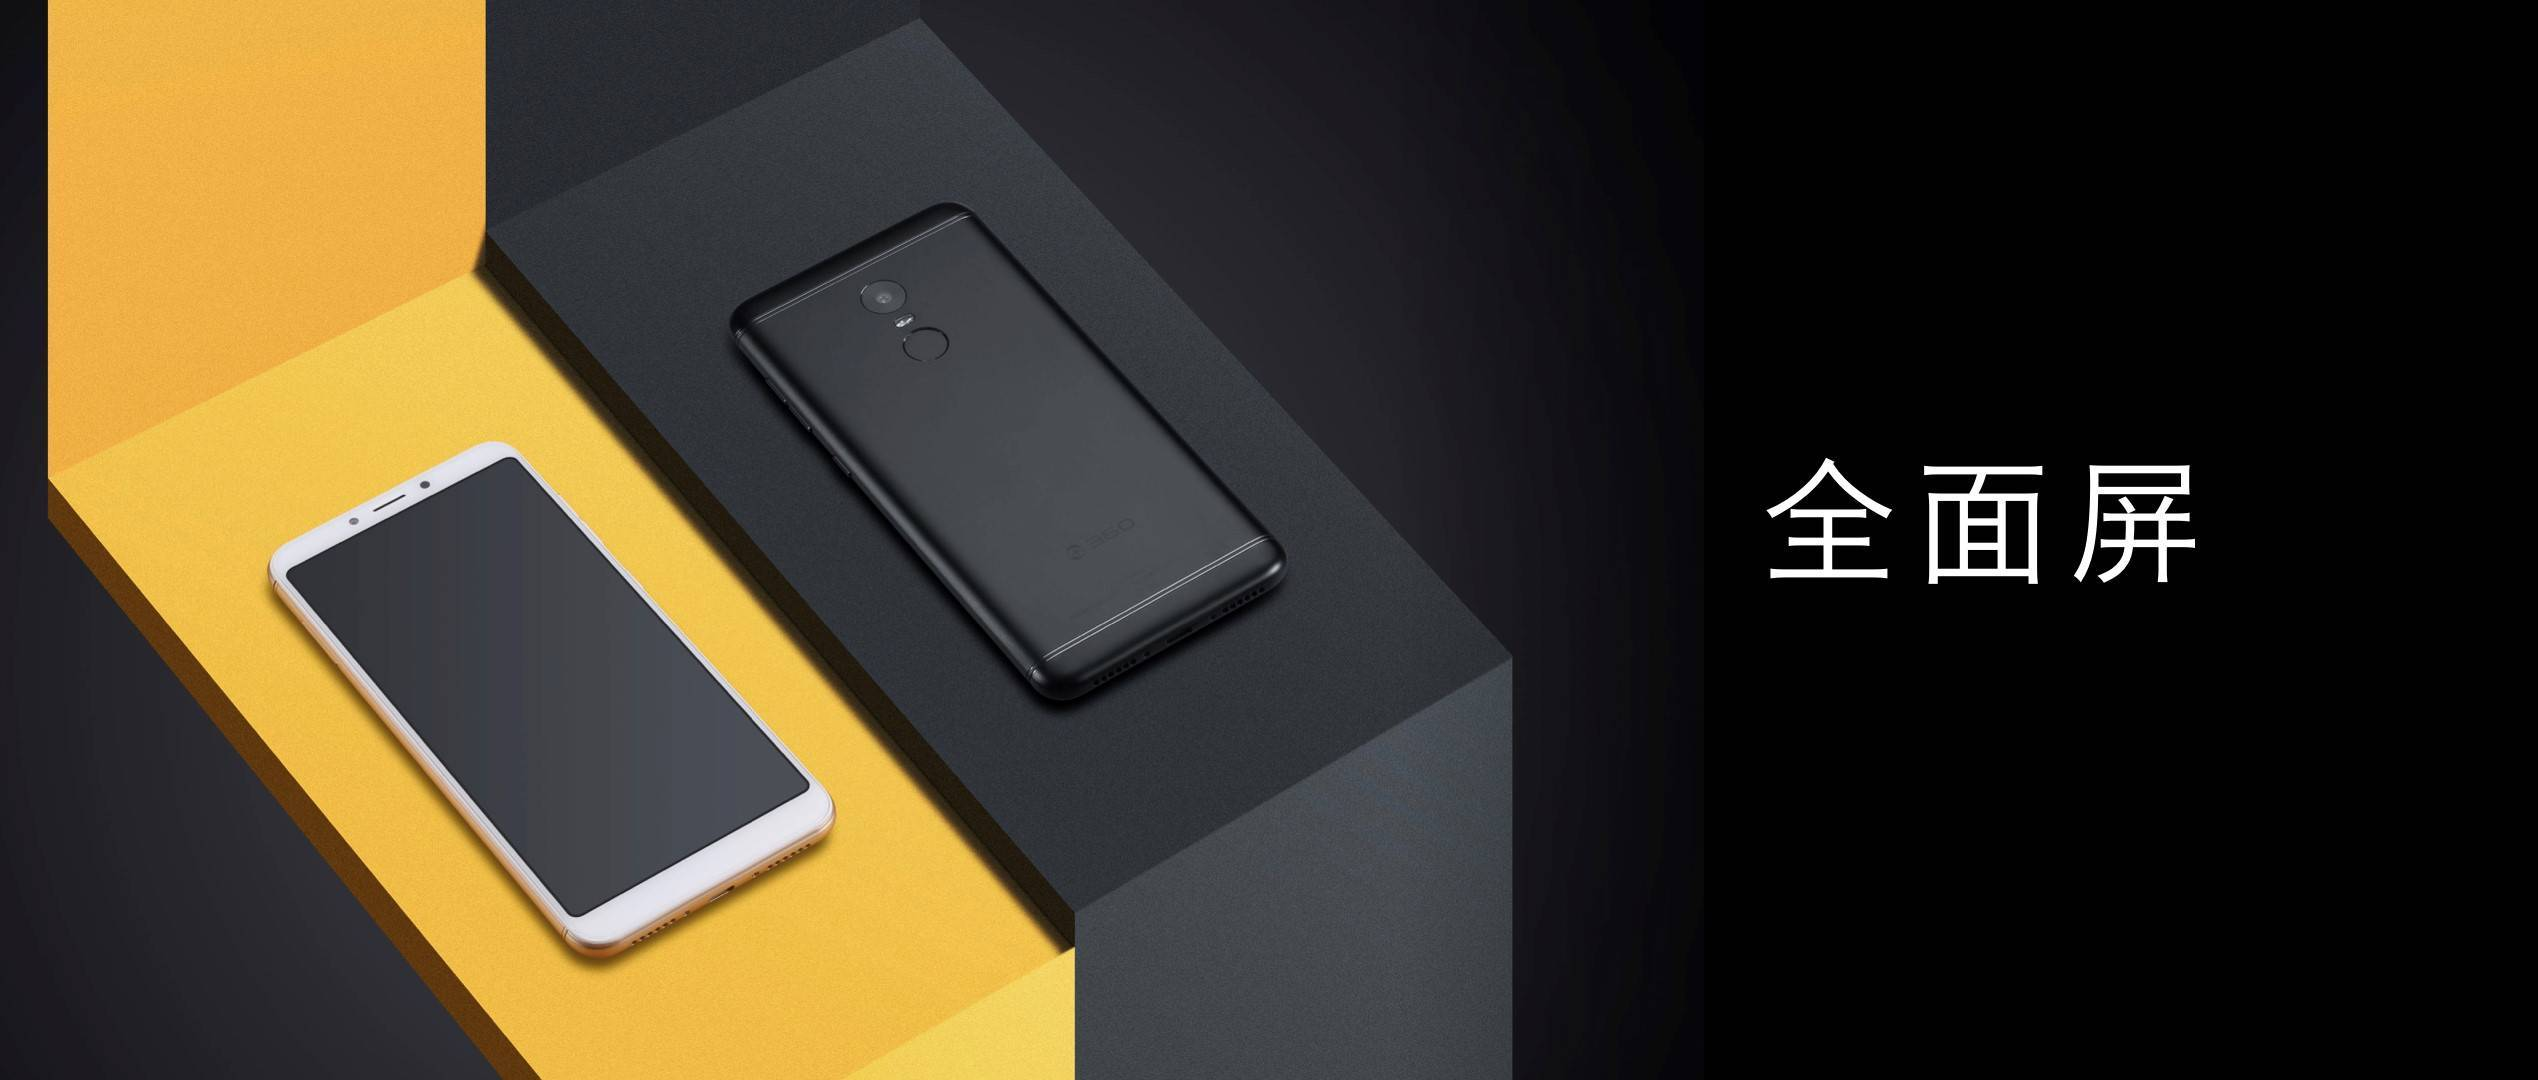 性价比无敌 续航神器360手机N6及N6 Lite发布